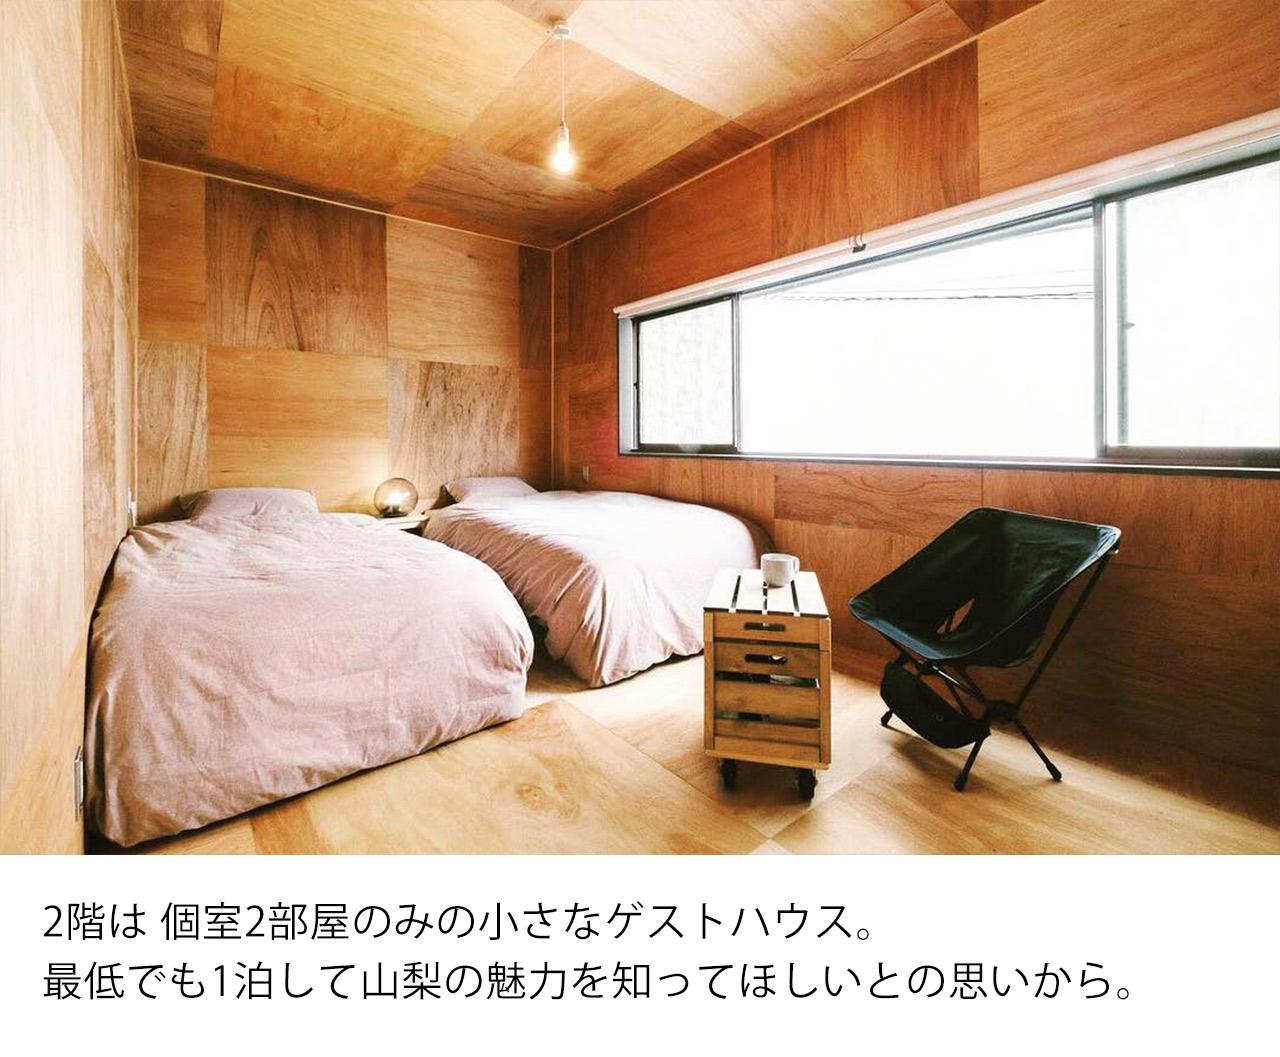 2階は個室2部屋のみの小さなゲストハウス。最低でも1泊して山梨の魅力を知ってほしいとの思いから。